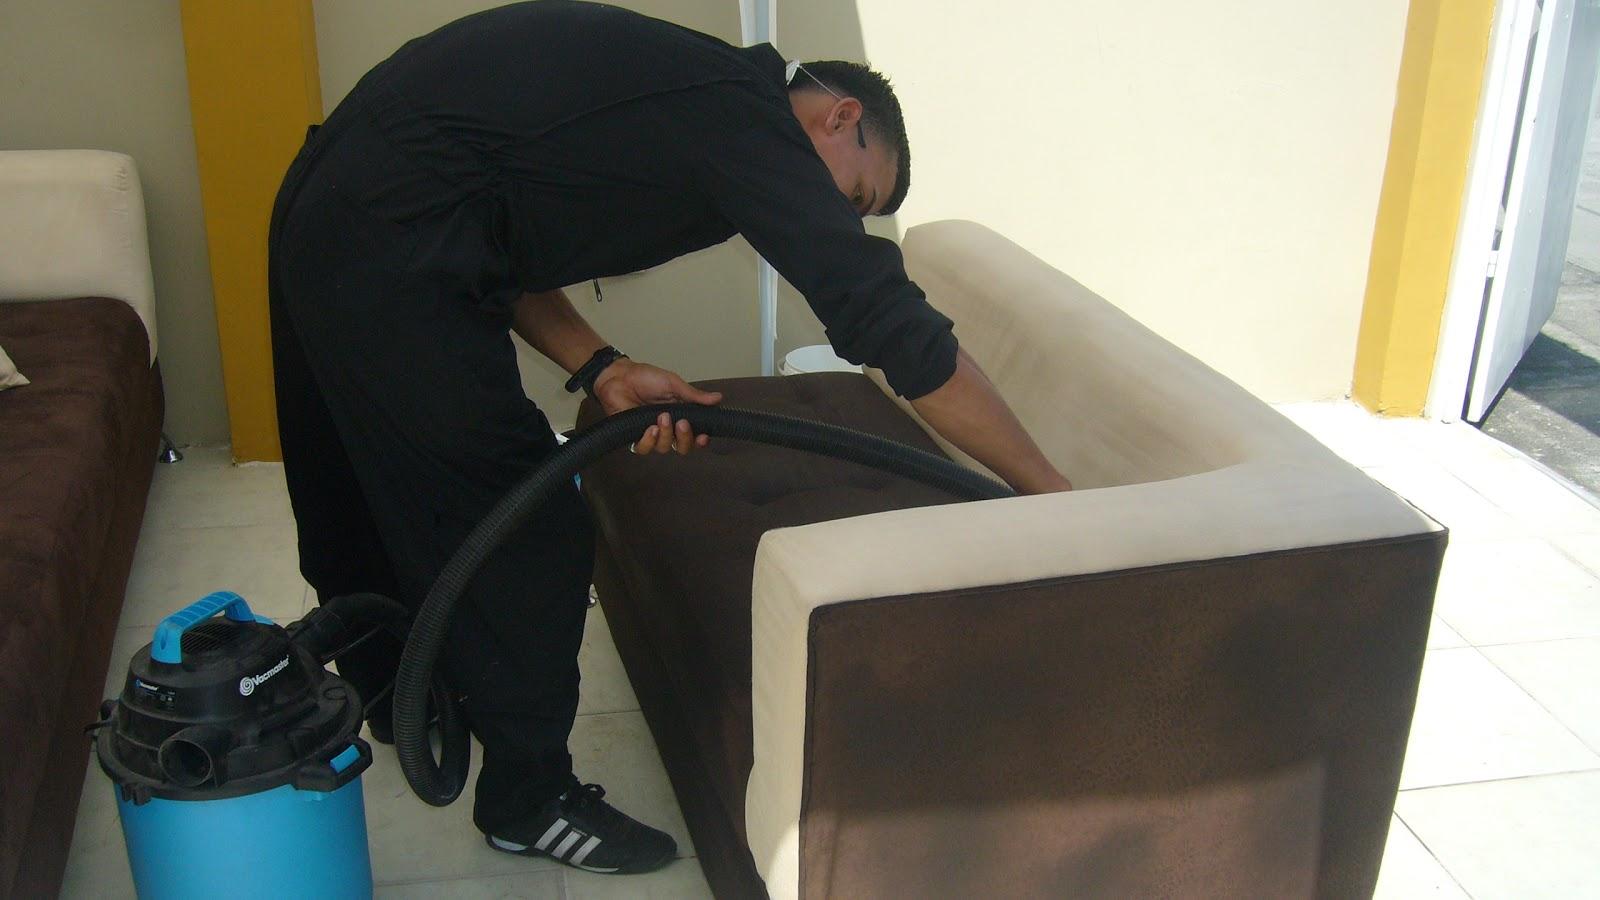 Lavado de muebles a domicilio genkiclean 0989280055 for Limpieza de muebles